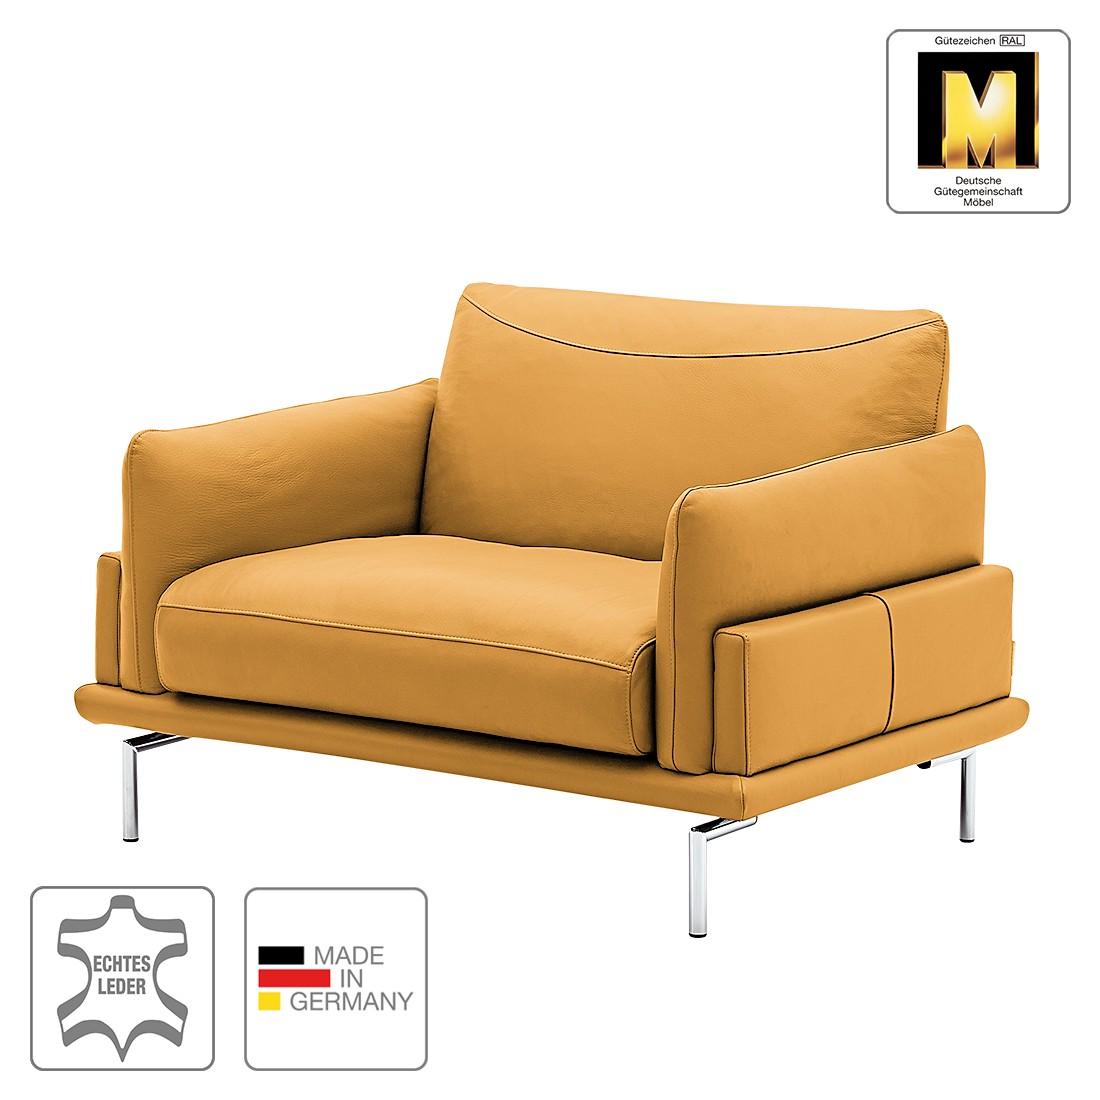 sessel seattle echtleder senfgelb machalke polsterwerkst tten g nstig schnell einkaufen. Black Bedroom Furniture Sets. Home Design Ideas